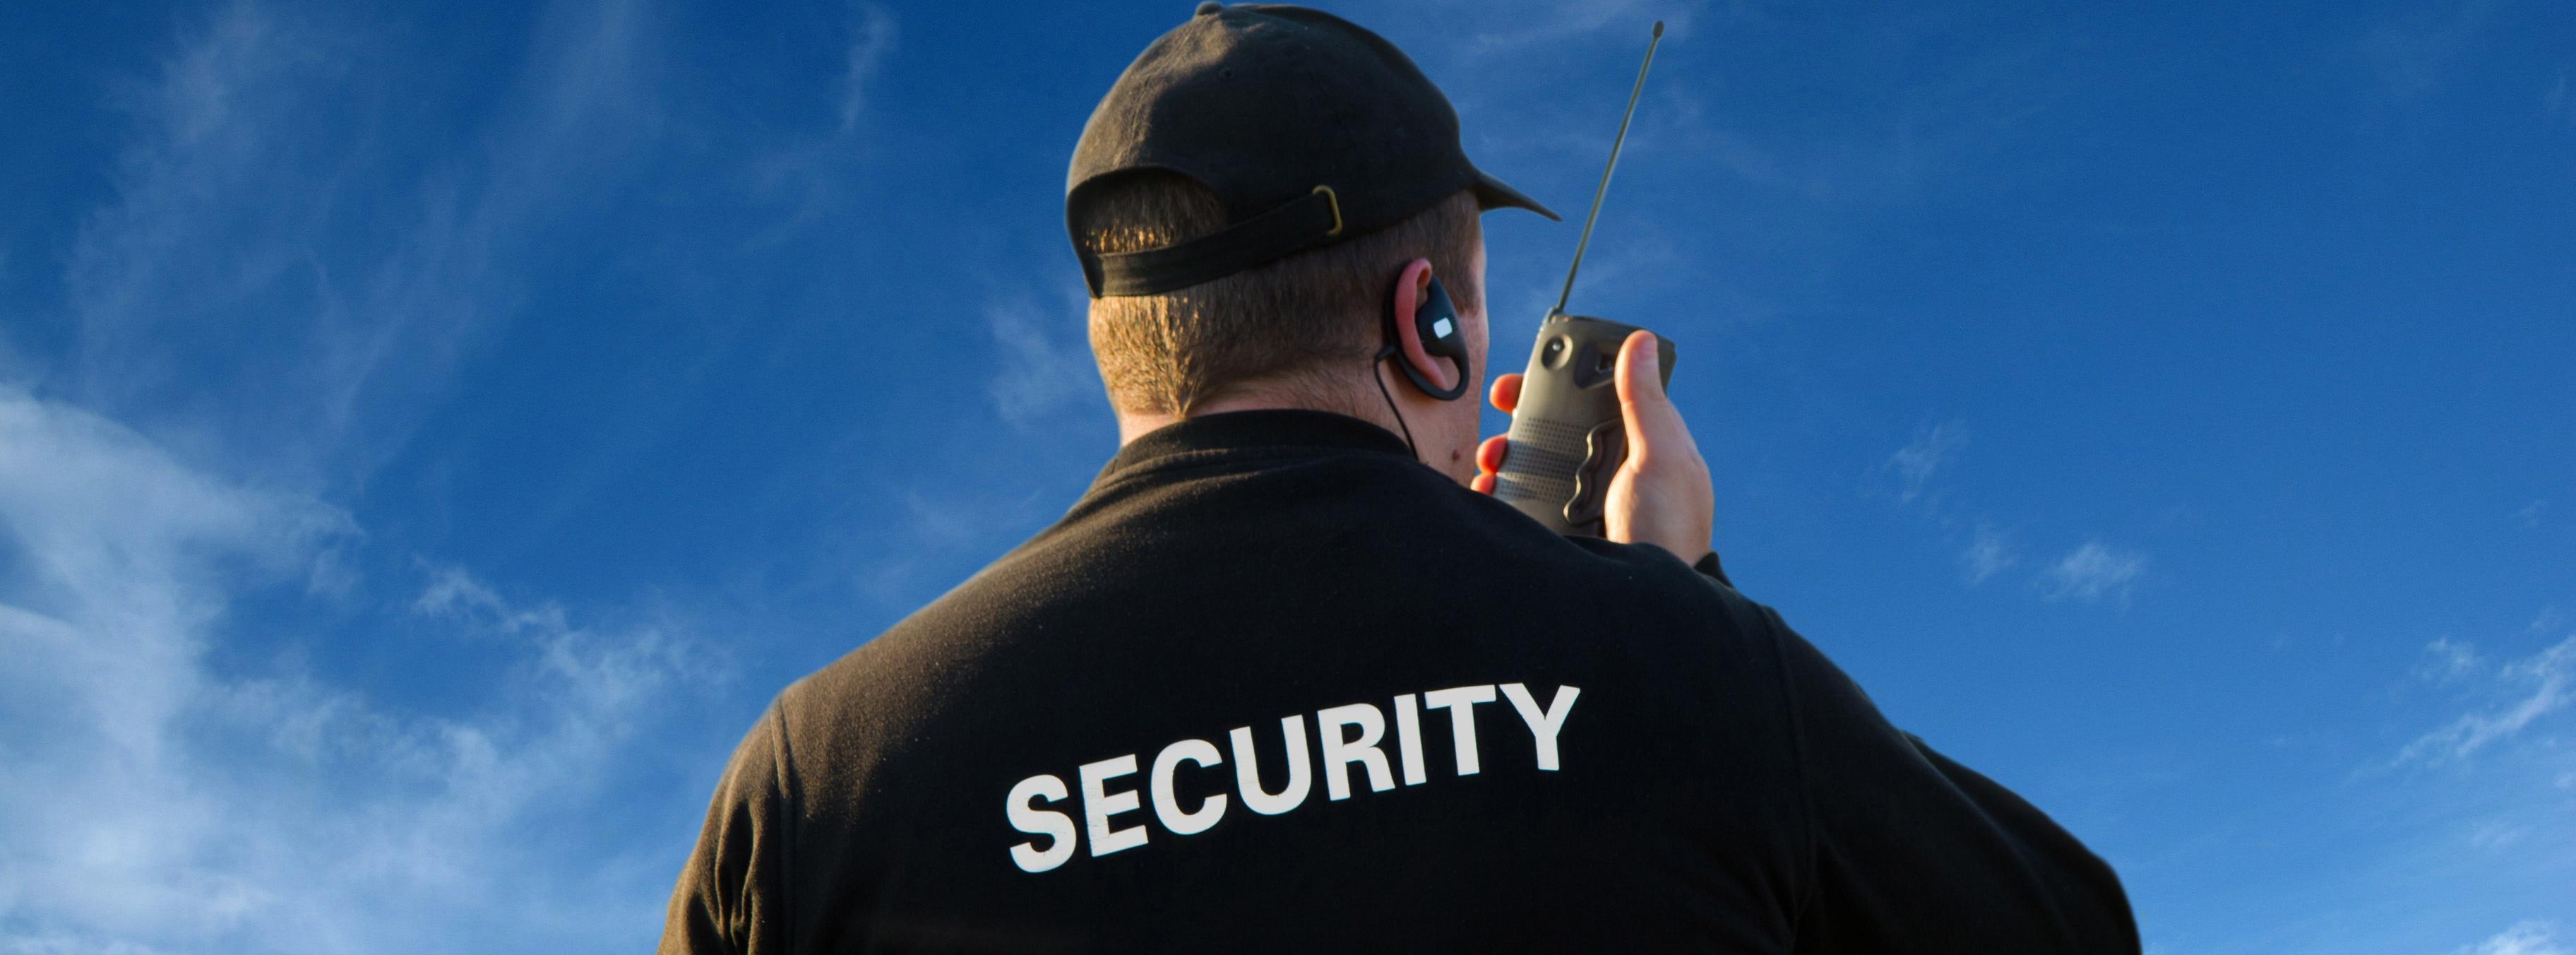 система захисту від крадіжок